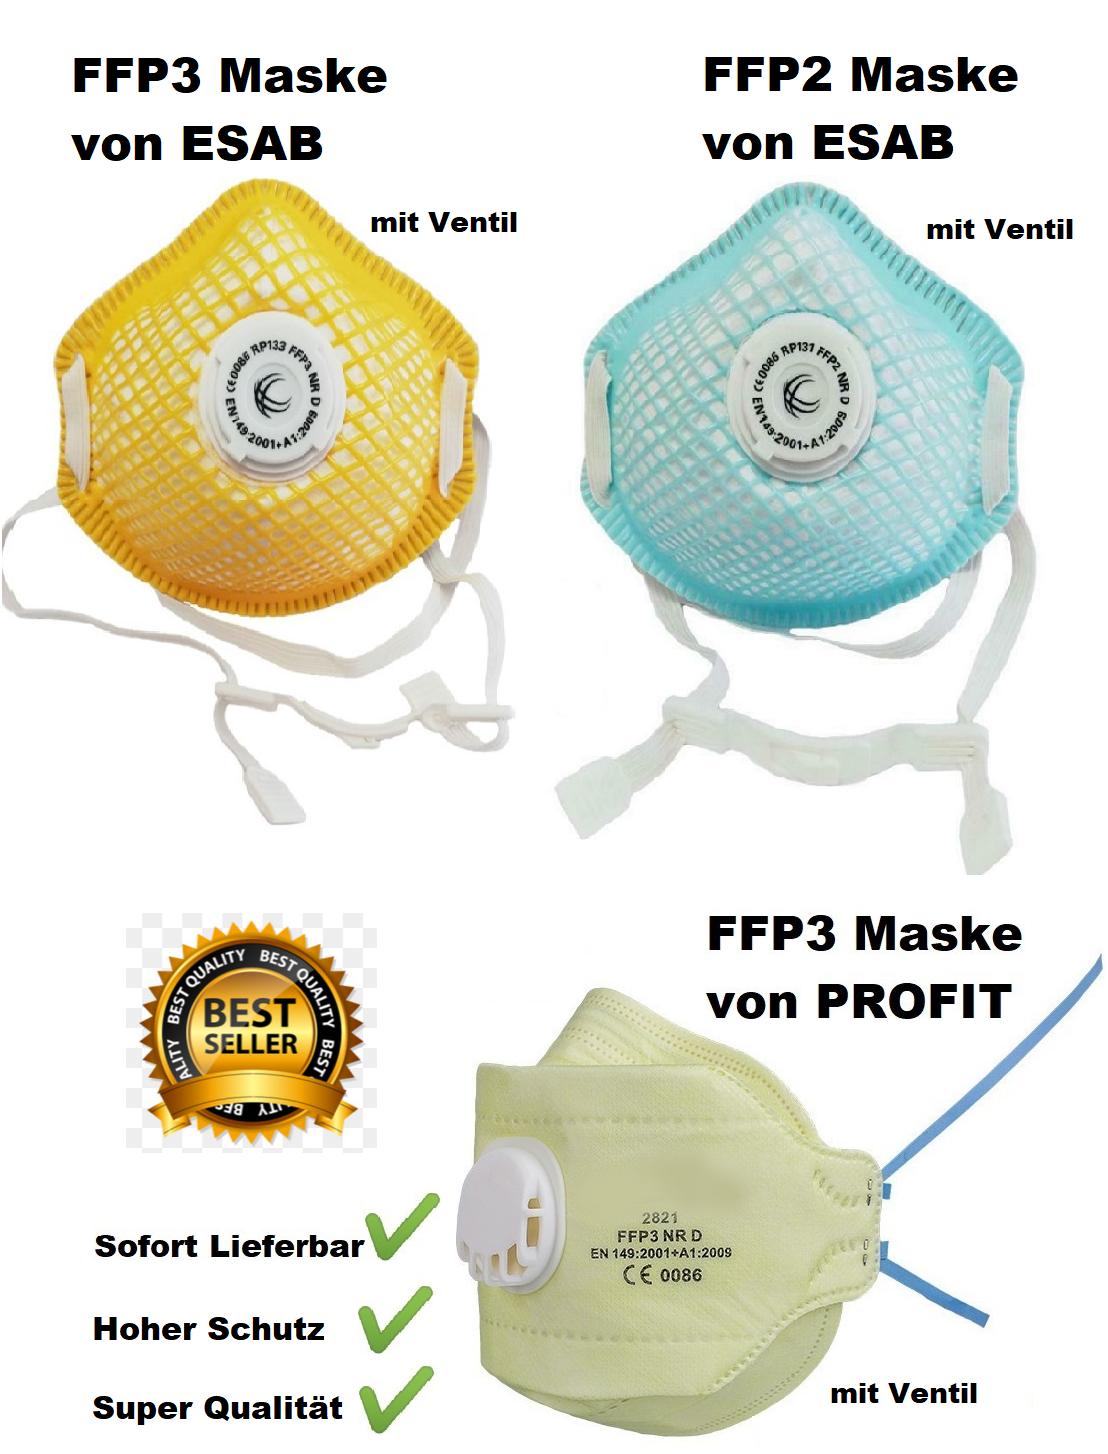 ►►FFP3 FFP2 Atemschutzmaske mit Ventil♦Mundschutz♦Feinstaubmaske♦Maske♦NEU◄◄